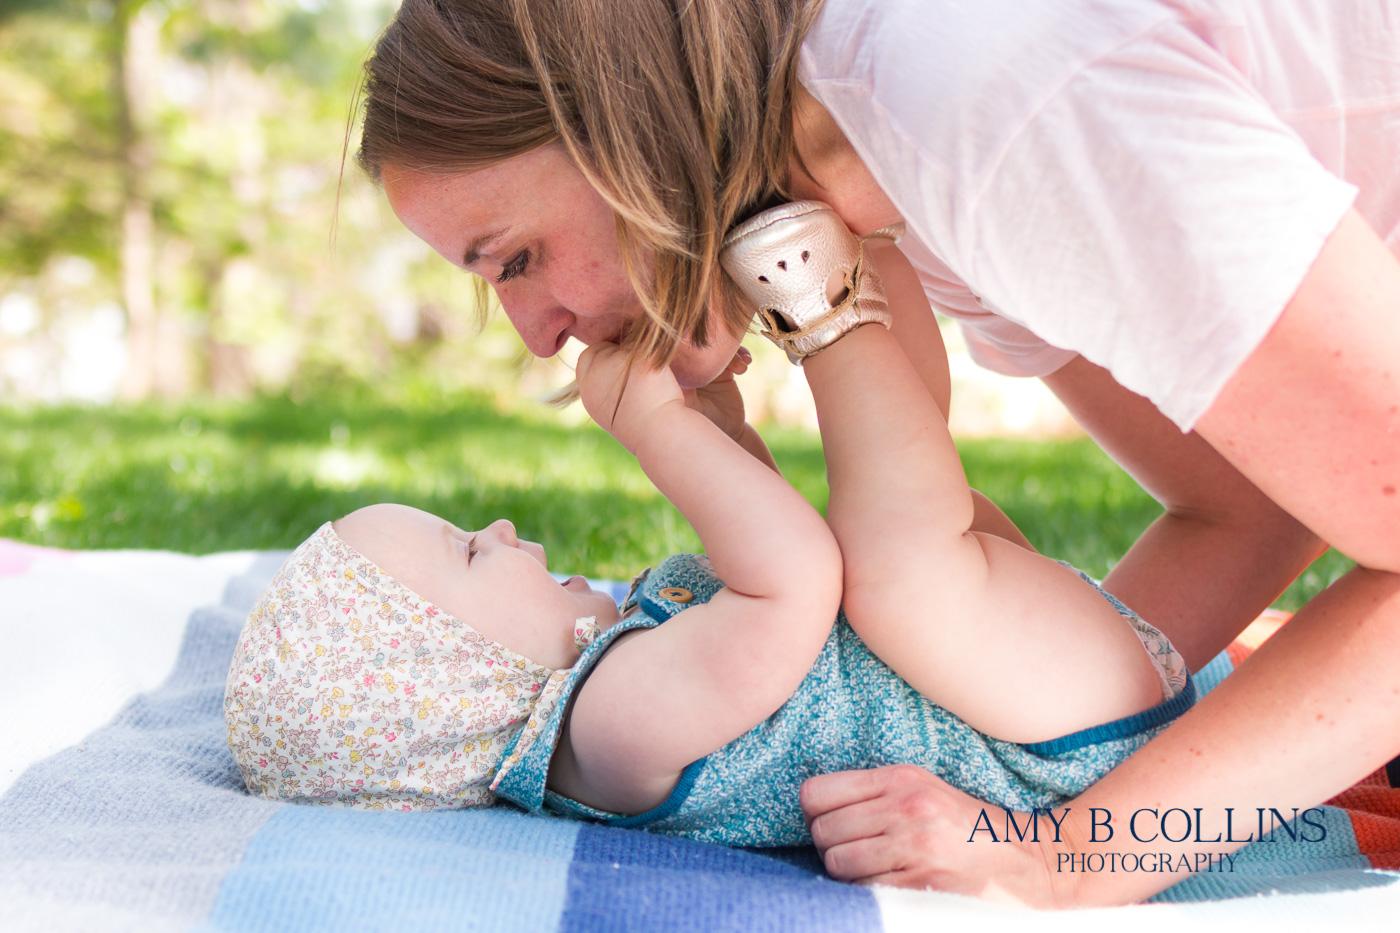 Amy_B_Collins_Photography_Needham Baby Photographer - 08.jpg